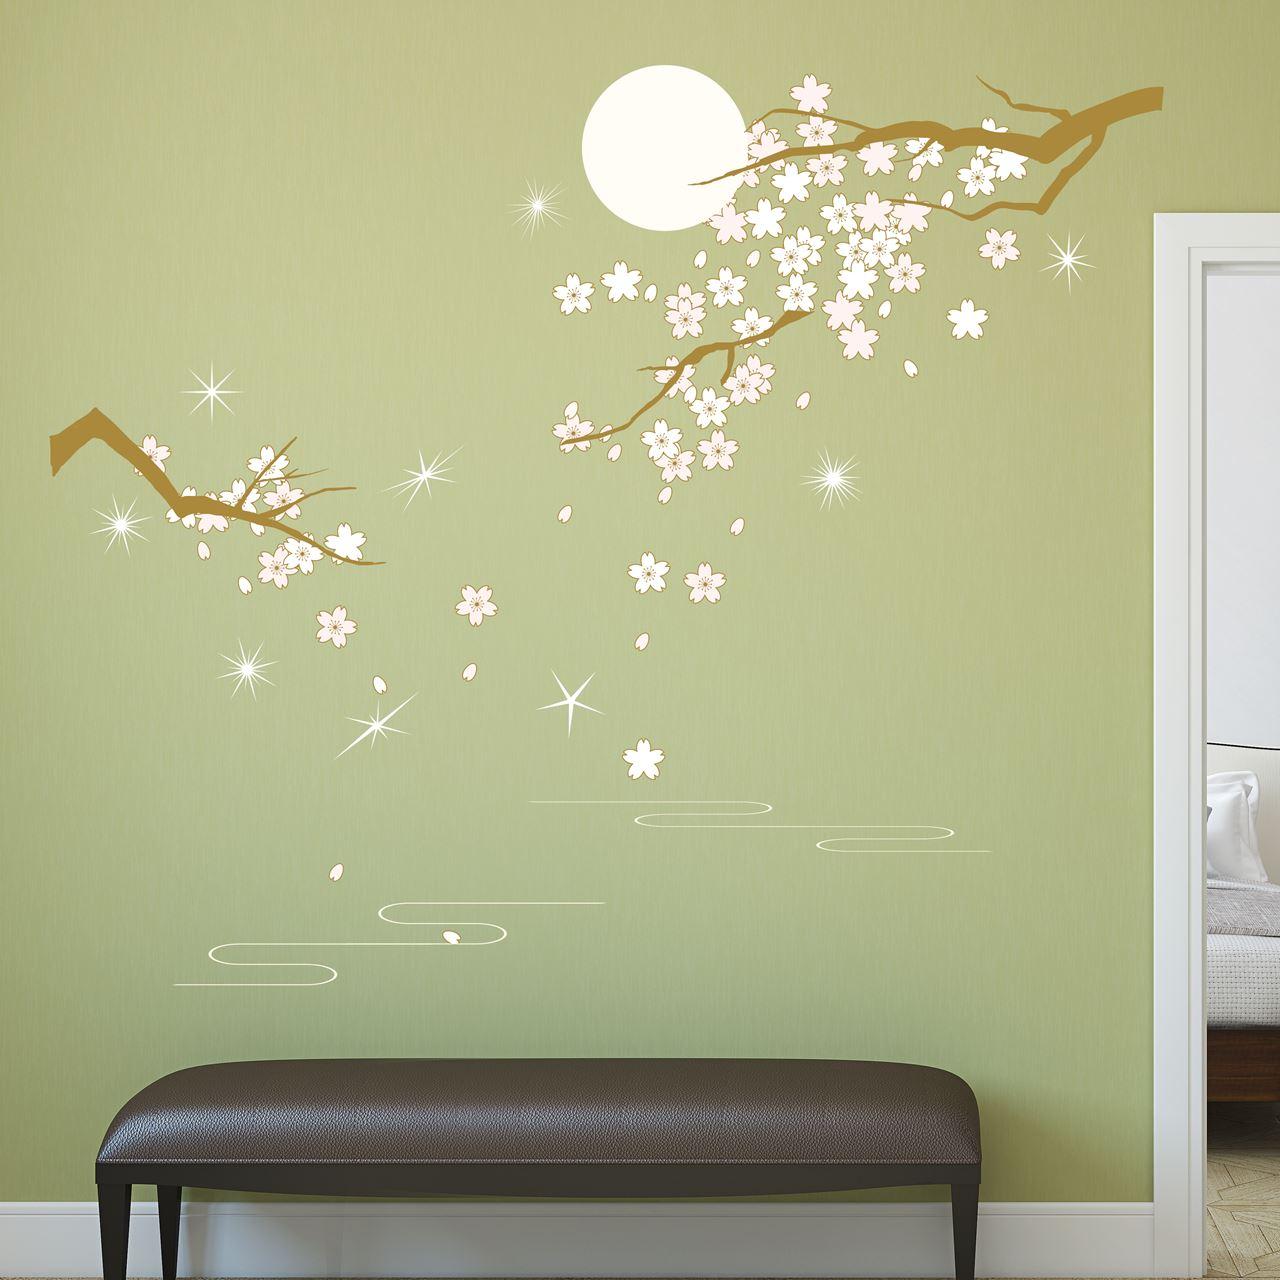 Channeldistribution walplus home decoratie sticker lichtroze bloesem in maanlicht met 9 - Home decoratie met tomettes ...